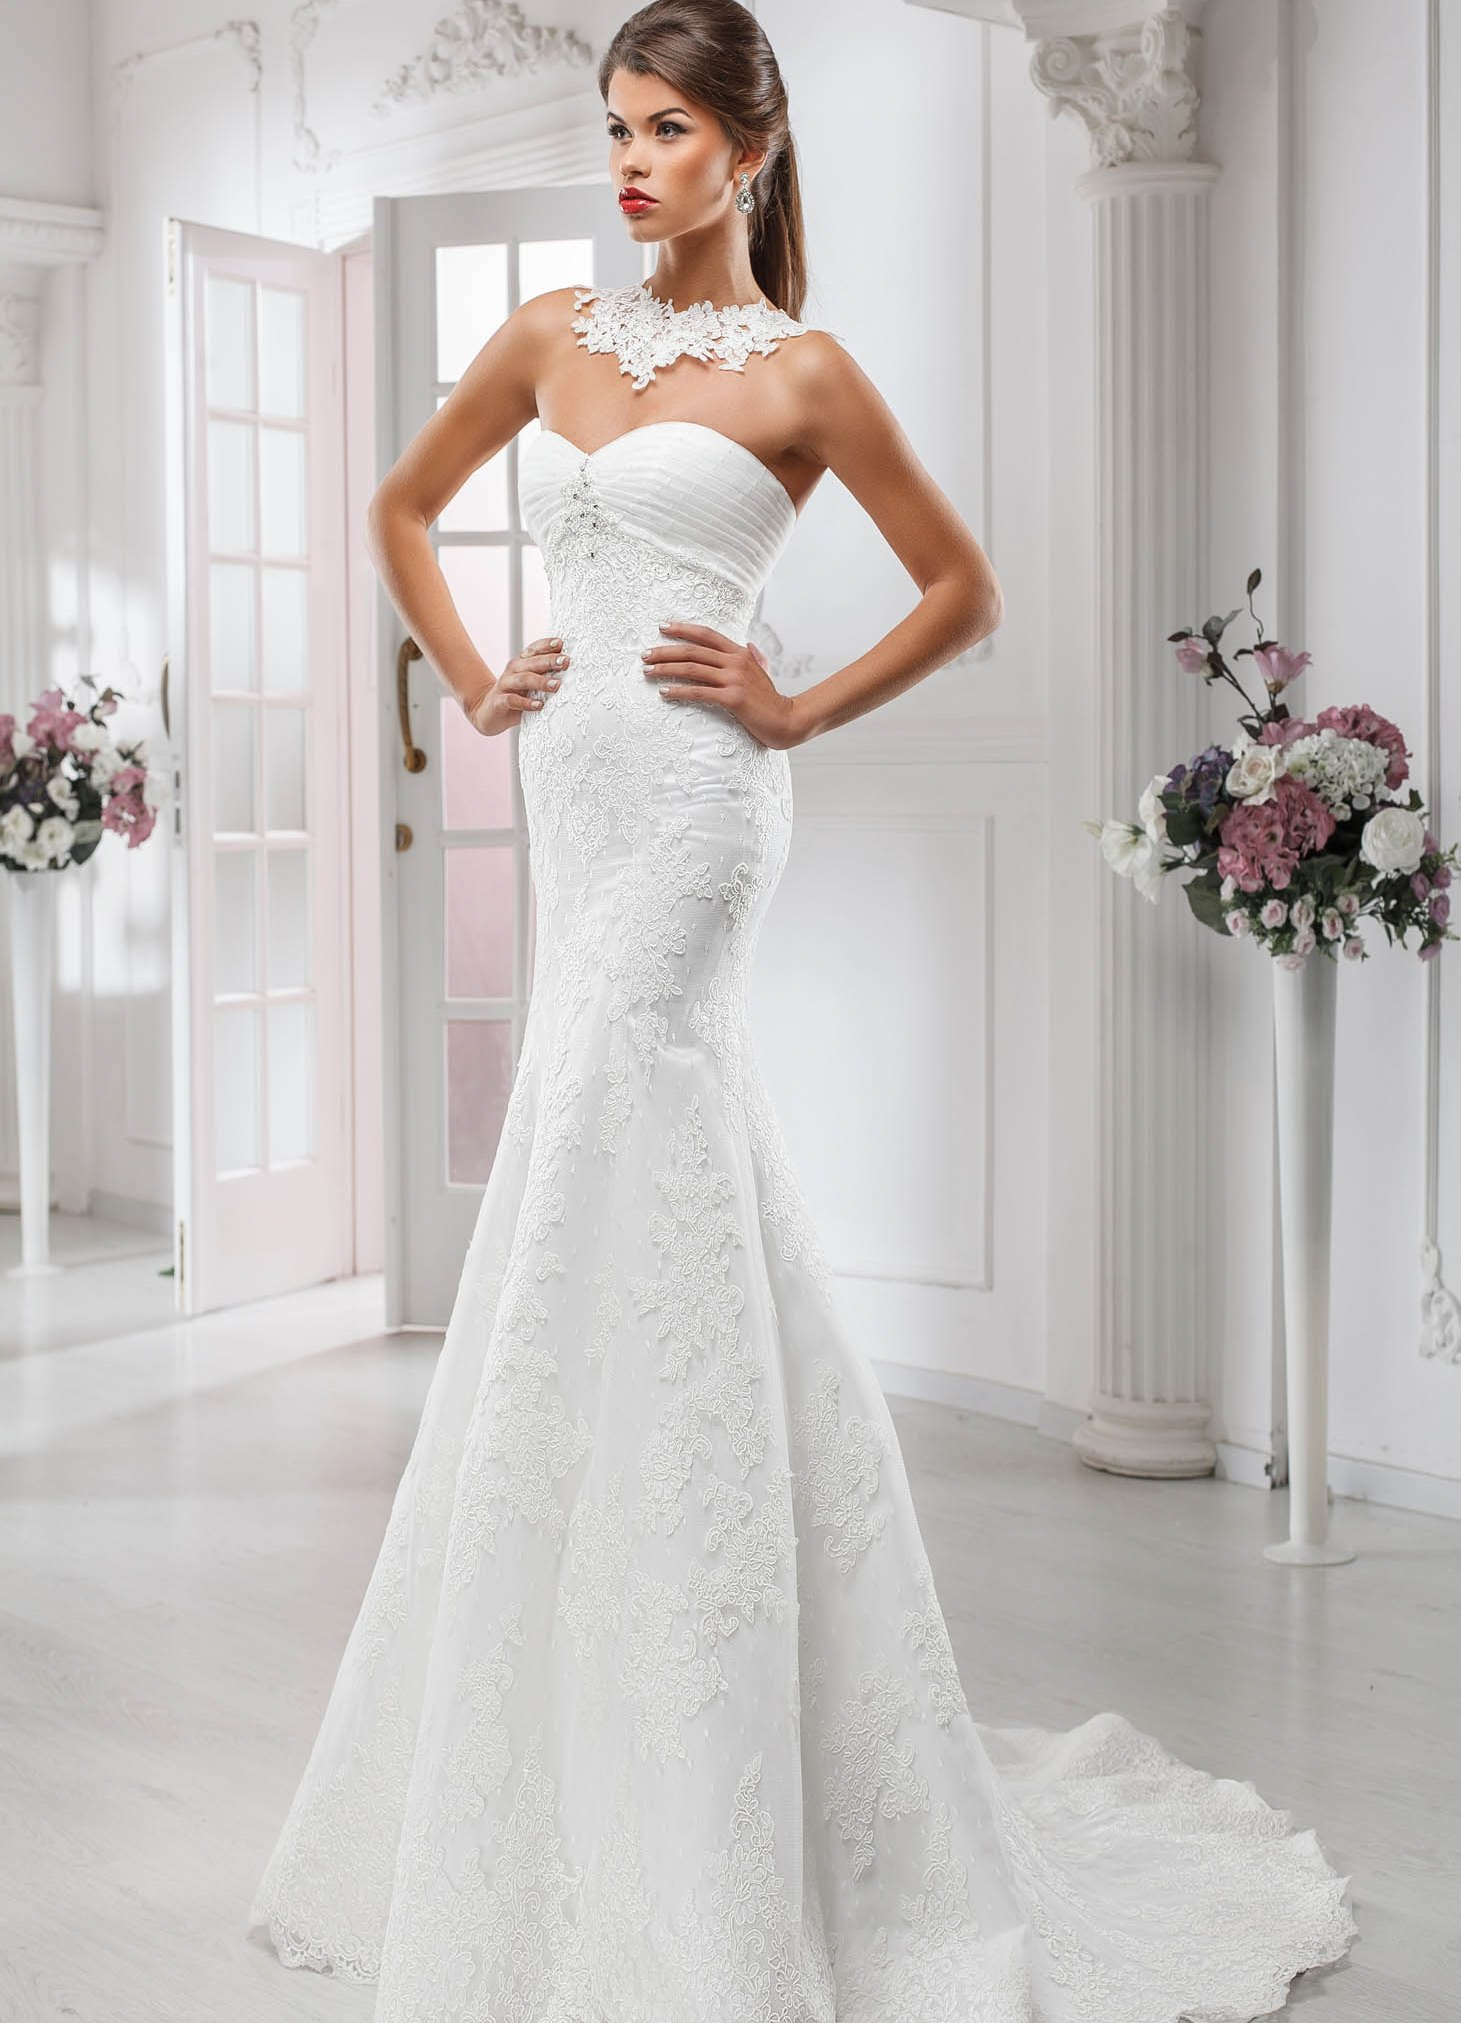 Платье невесты | Модель платья